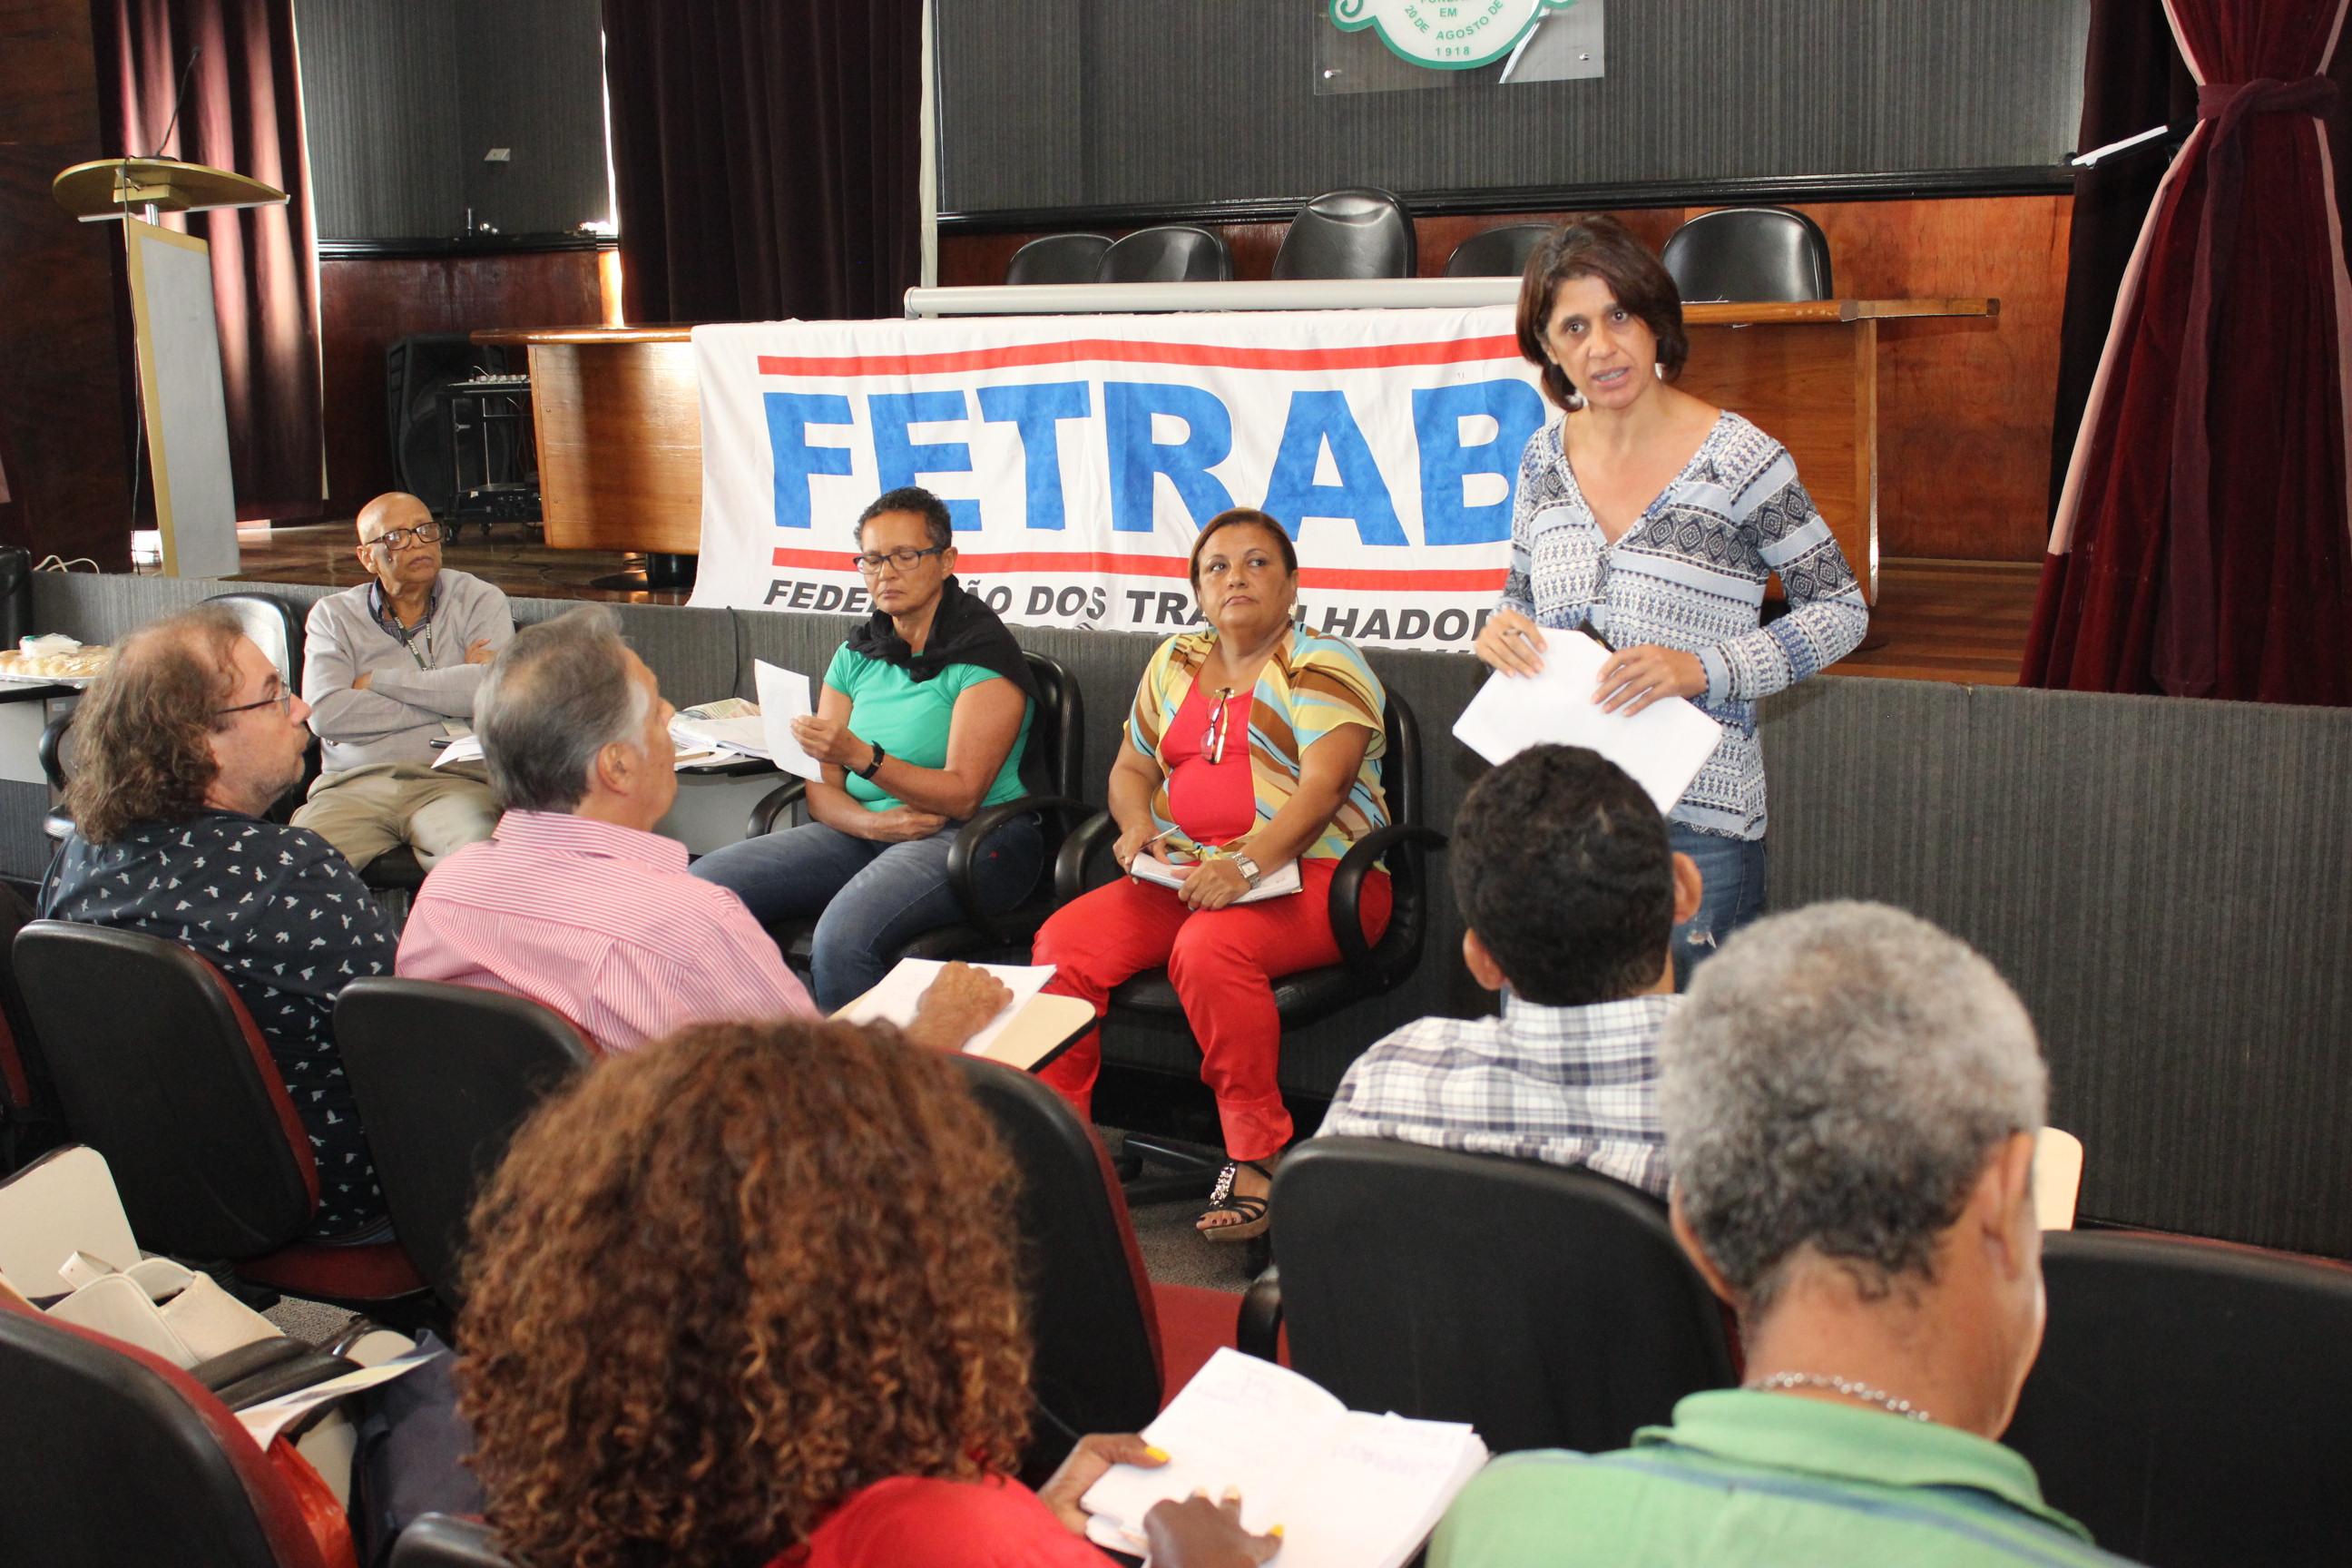 Fórum das ADs participa de plenária dos servidores que aprova indicativo de greve geral